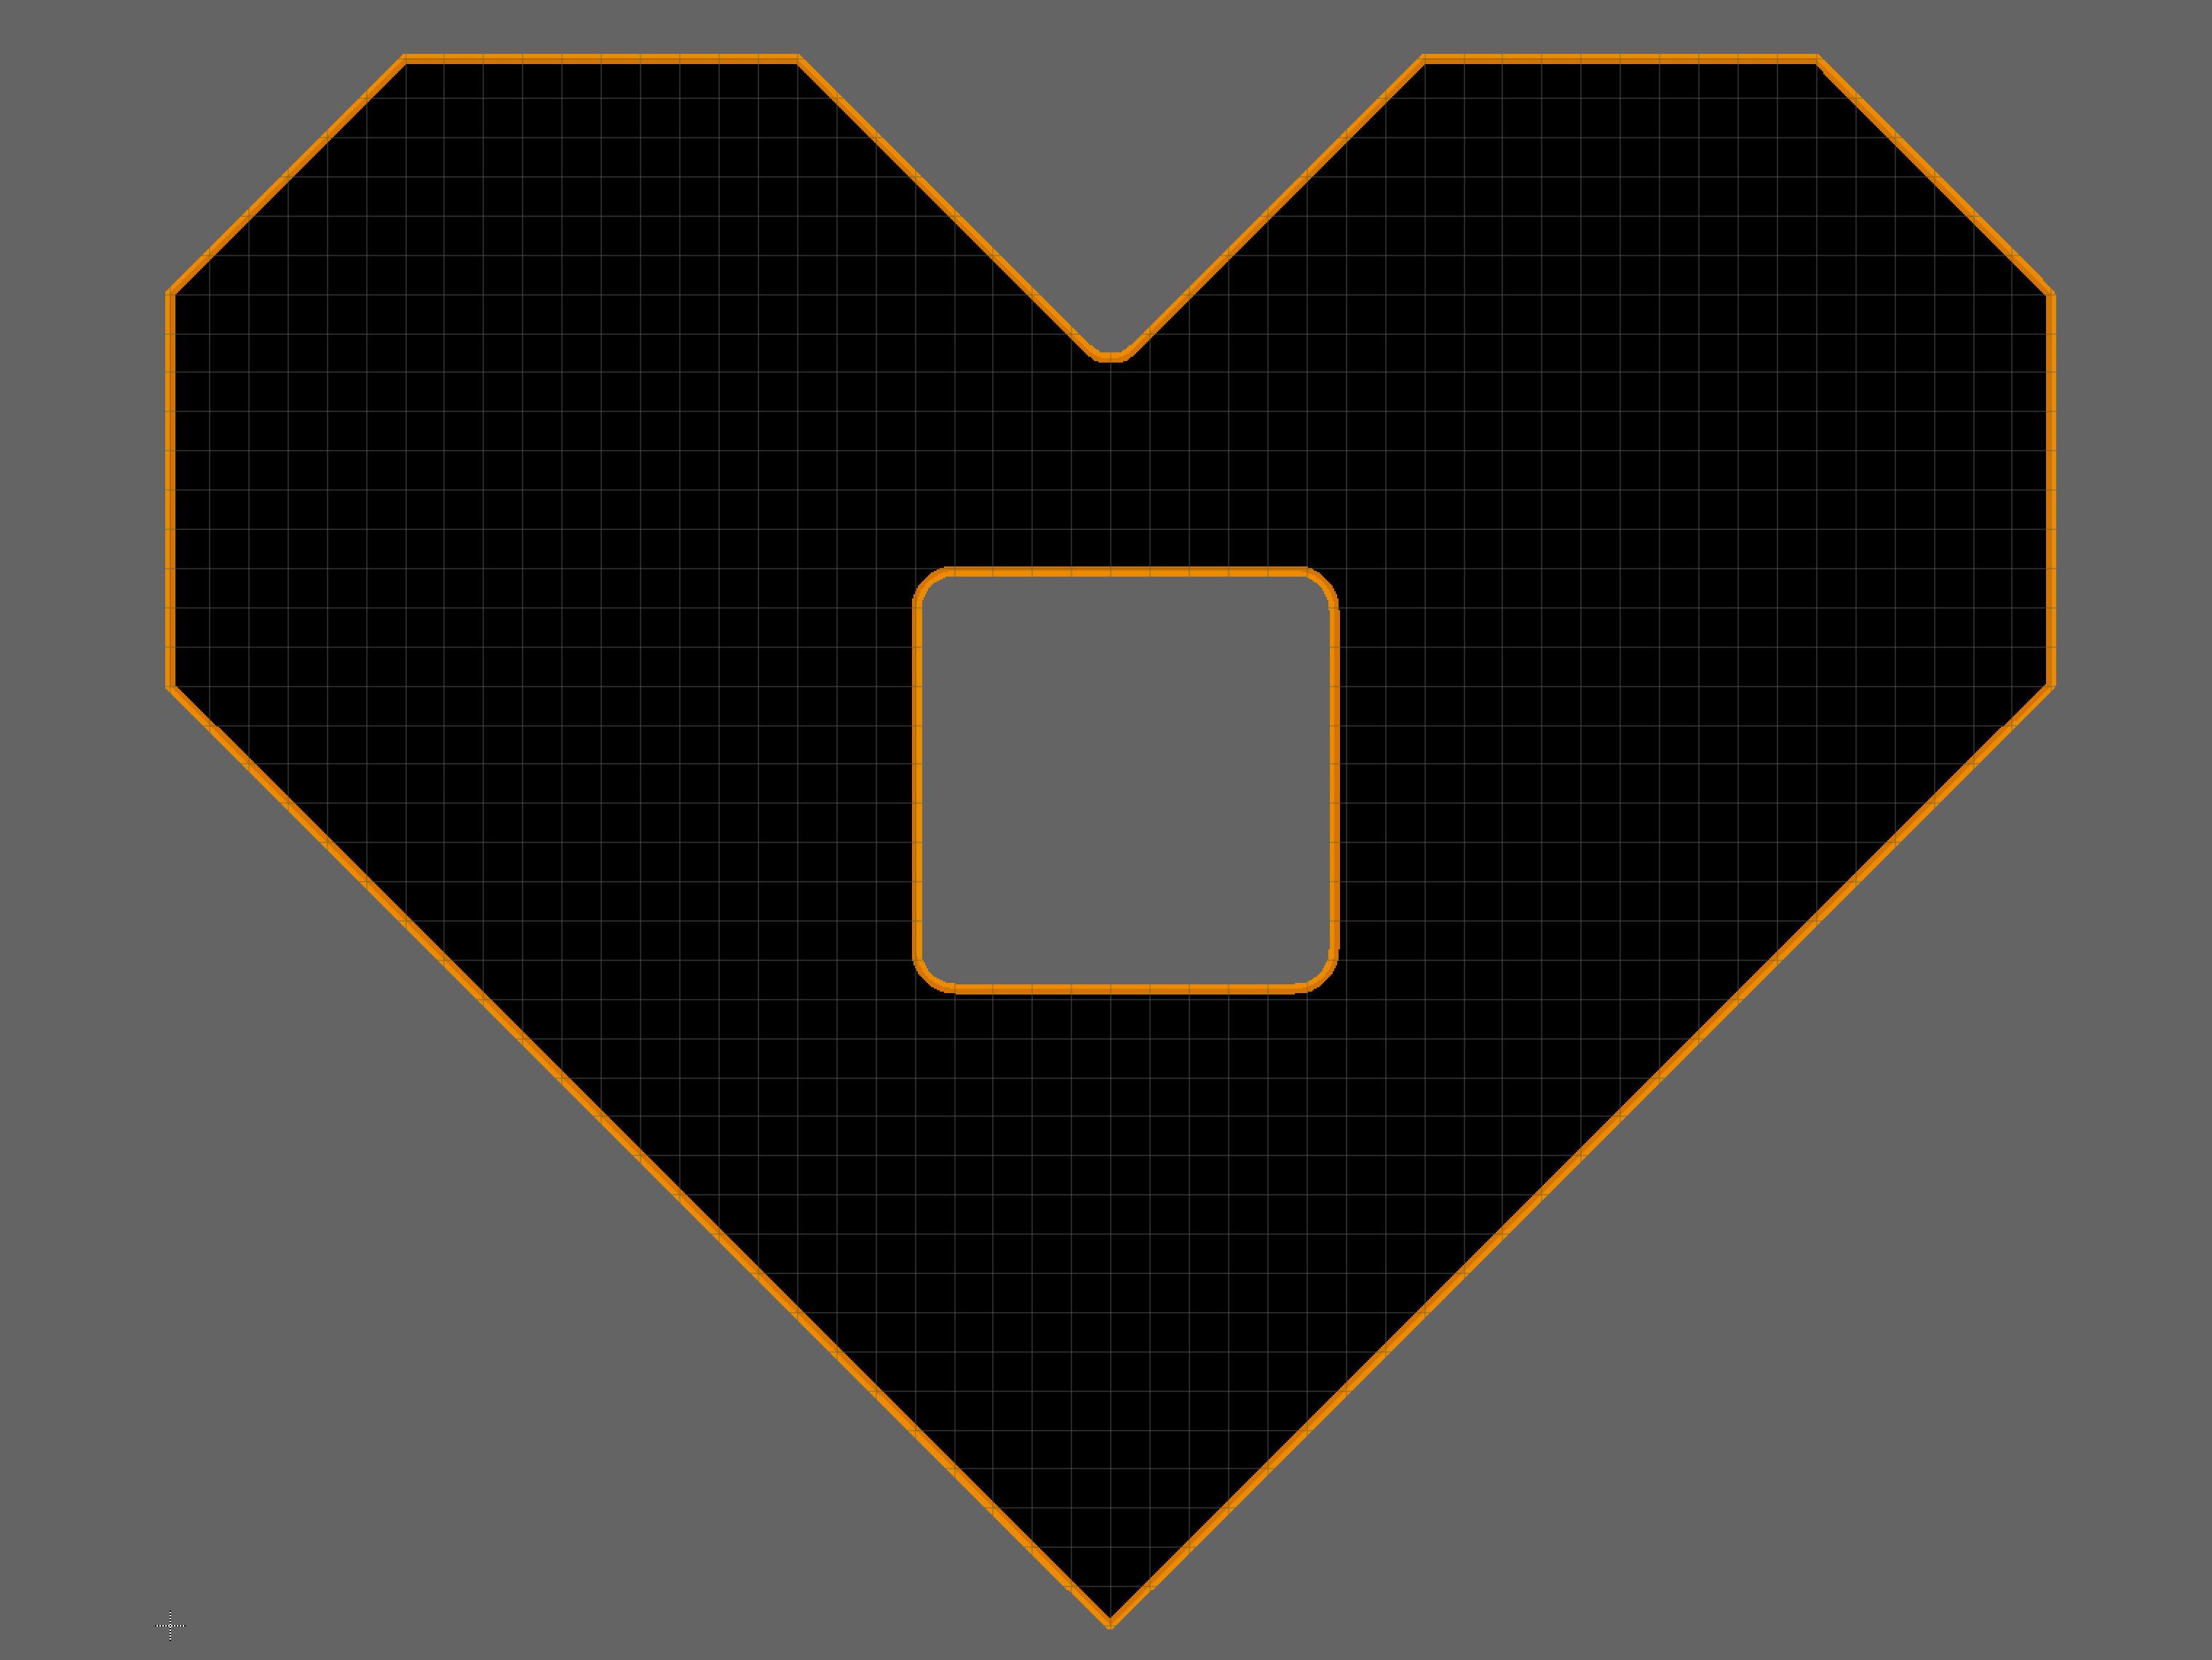 led_pixels_heart-outline.jpg